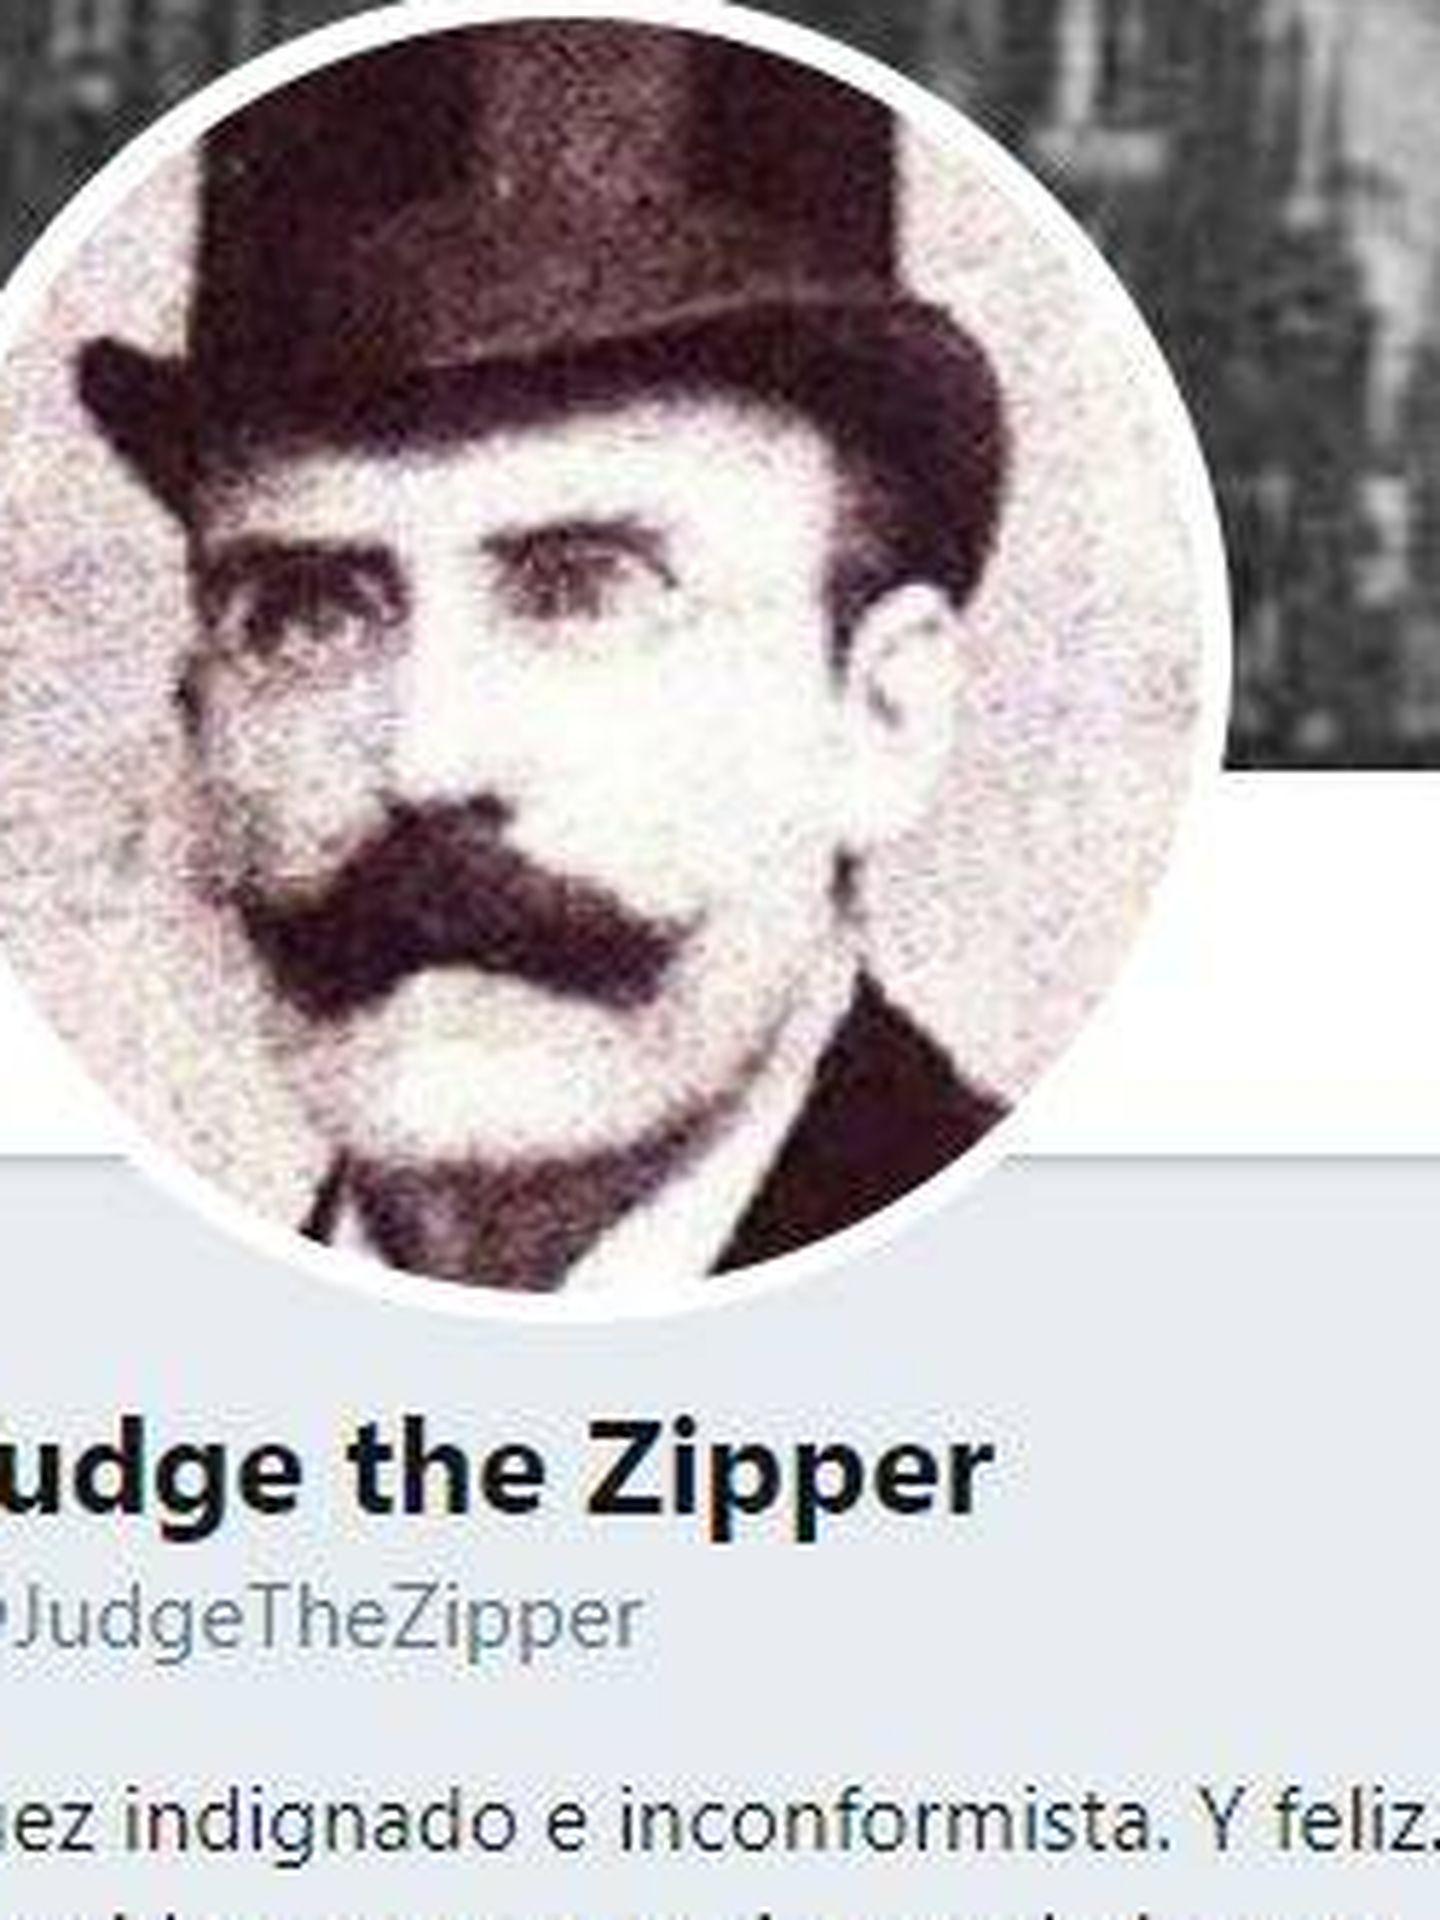 Perfil de Judge the Zipper.